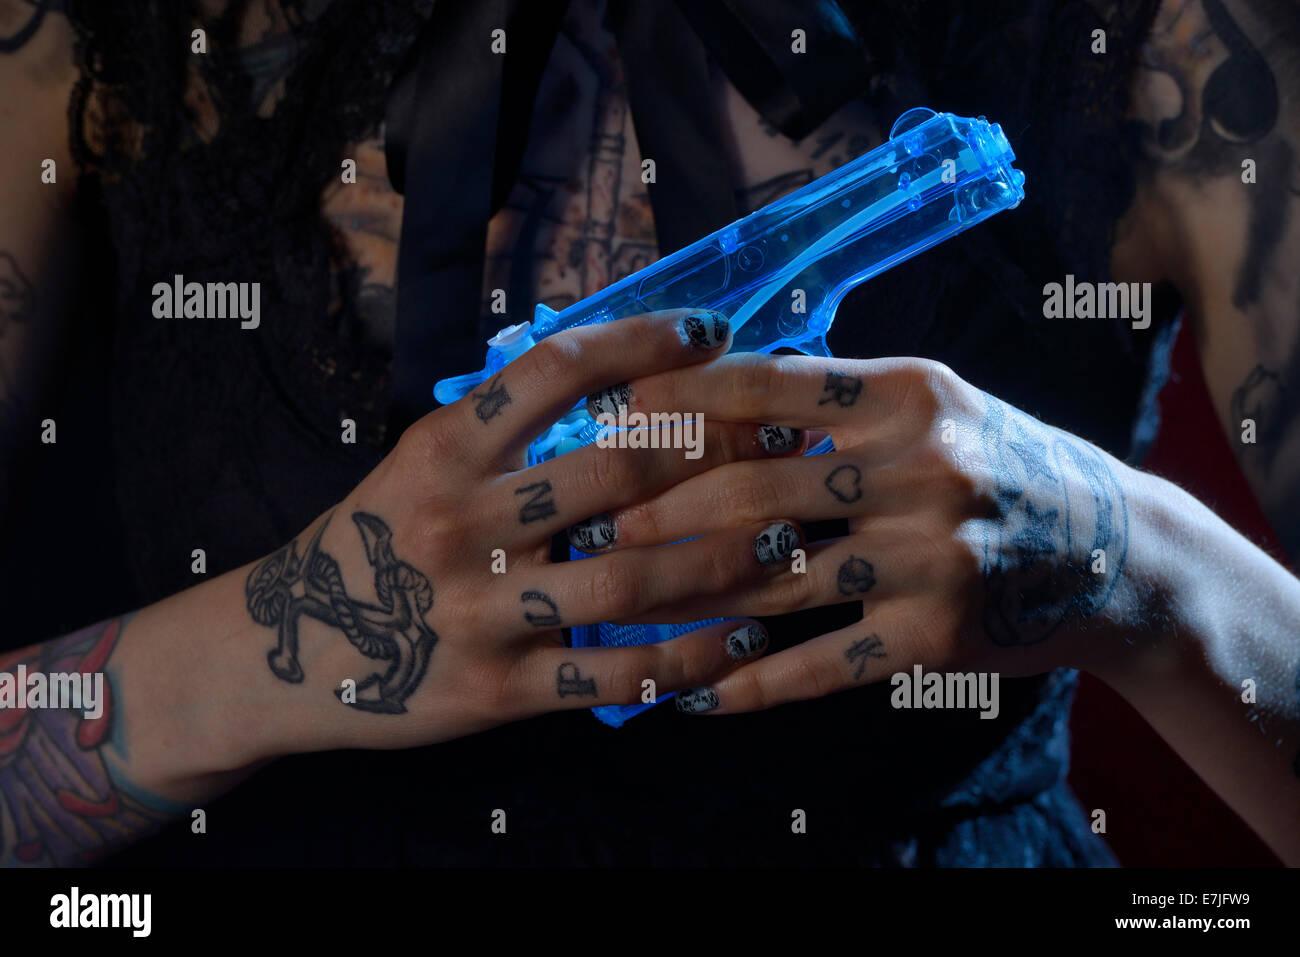 Hands, punk, squirt gun, water pistol, tattoo, hand, girl, dark, fingers, gun, USA - Stock Image